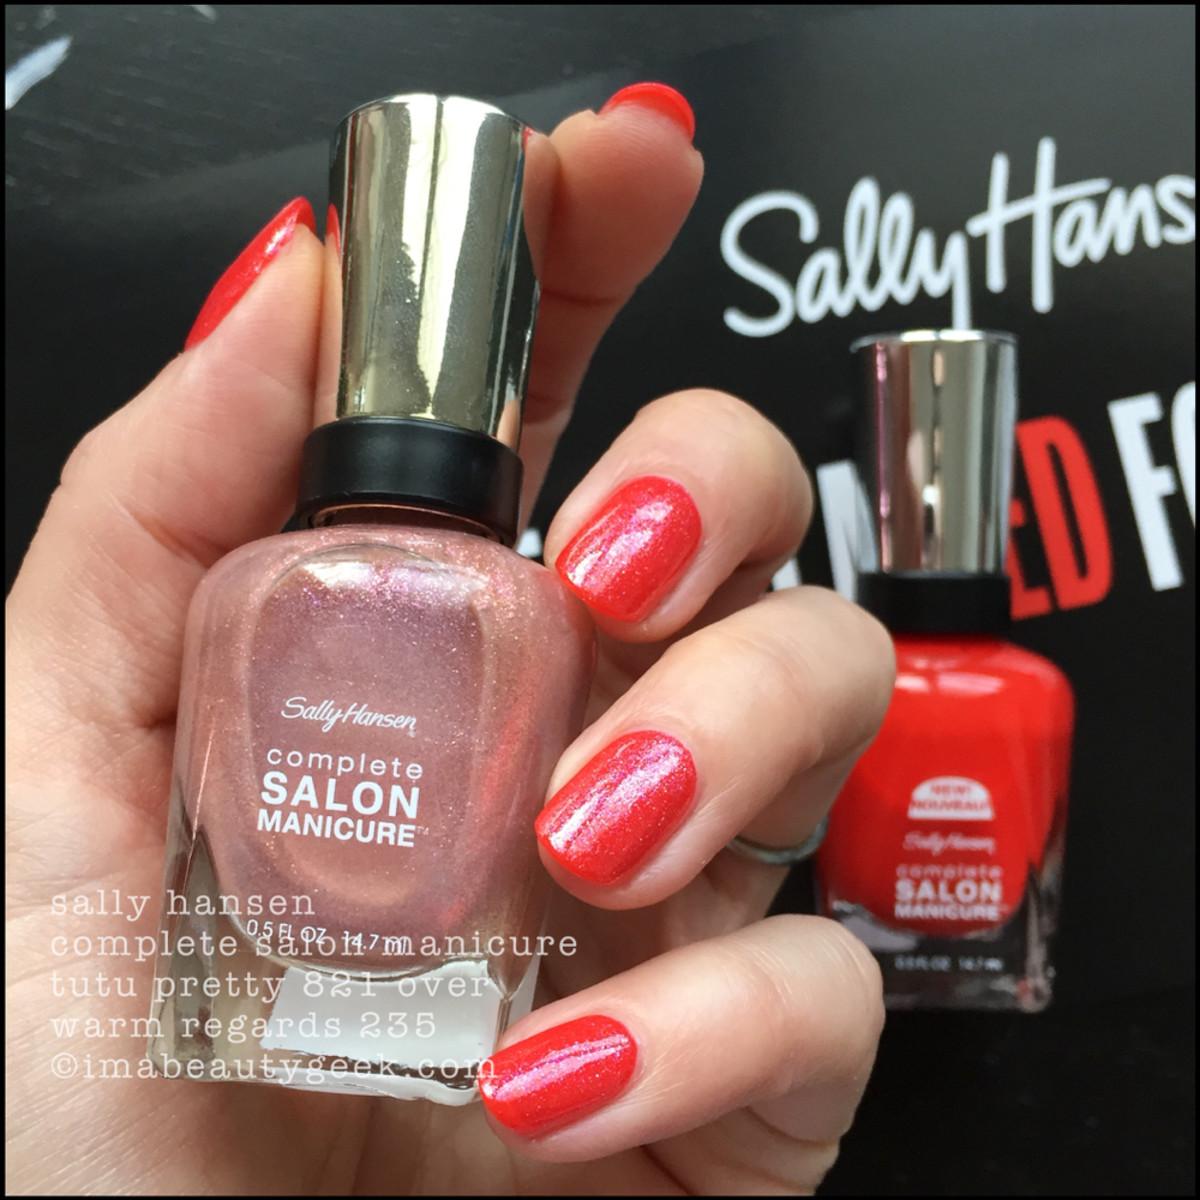 Sally Hansen Tutu Pretty over Warm Regards - Red/esign Collection 2018